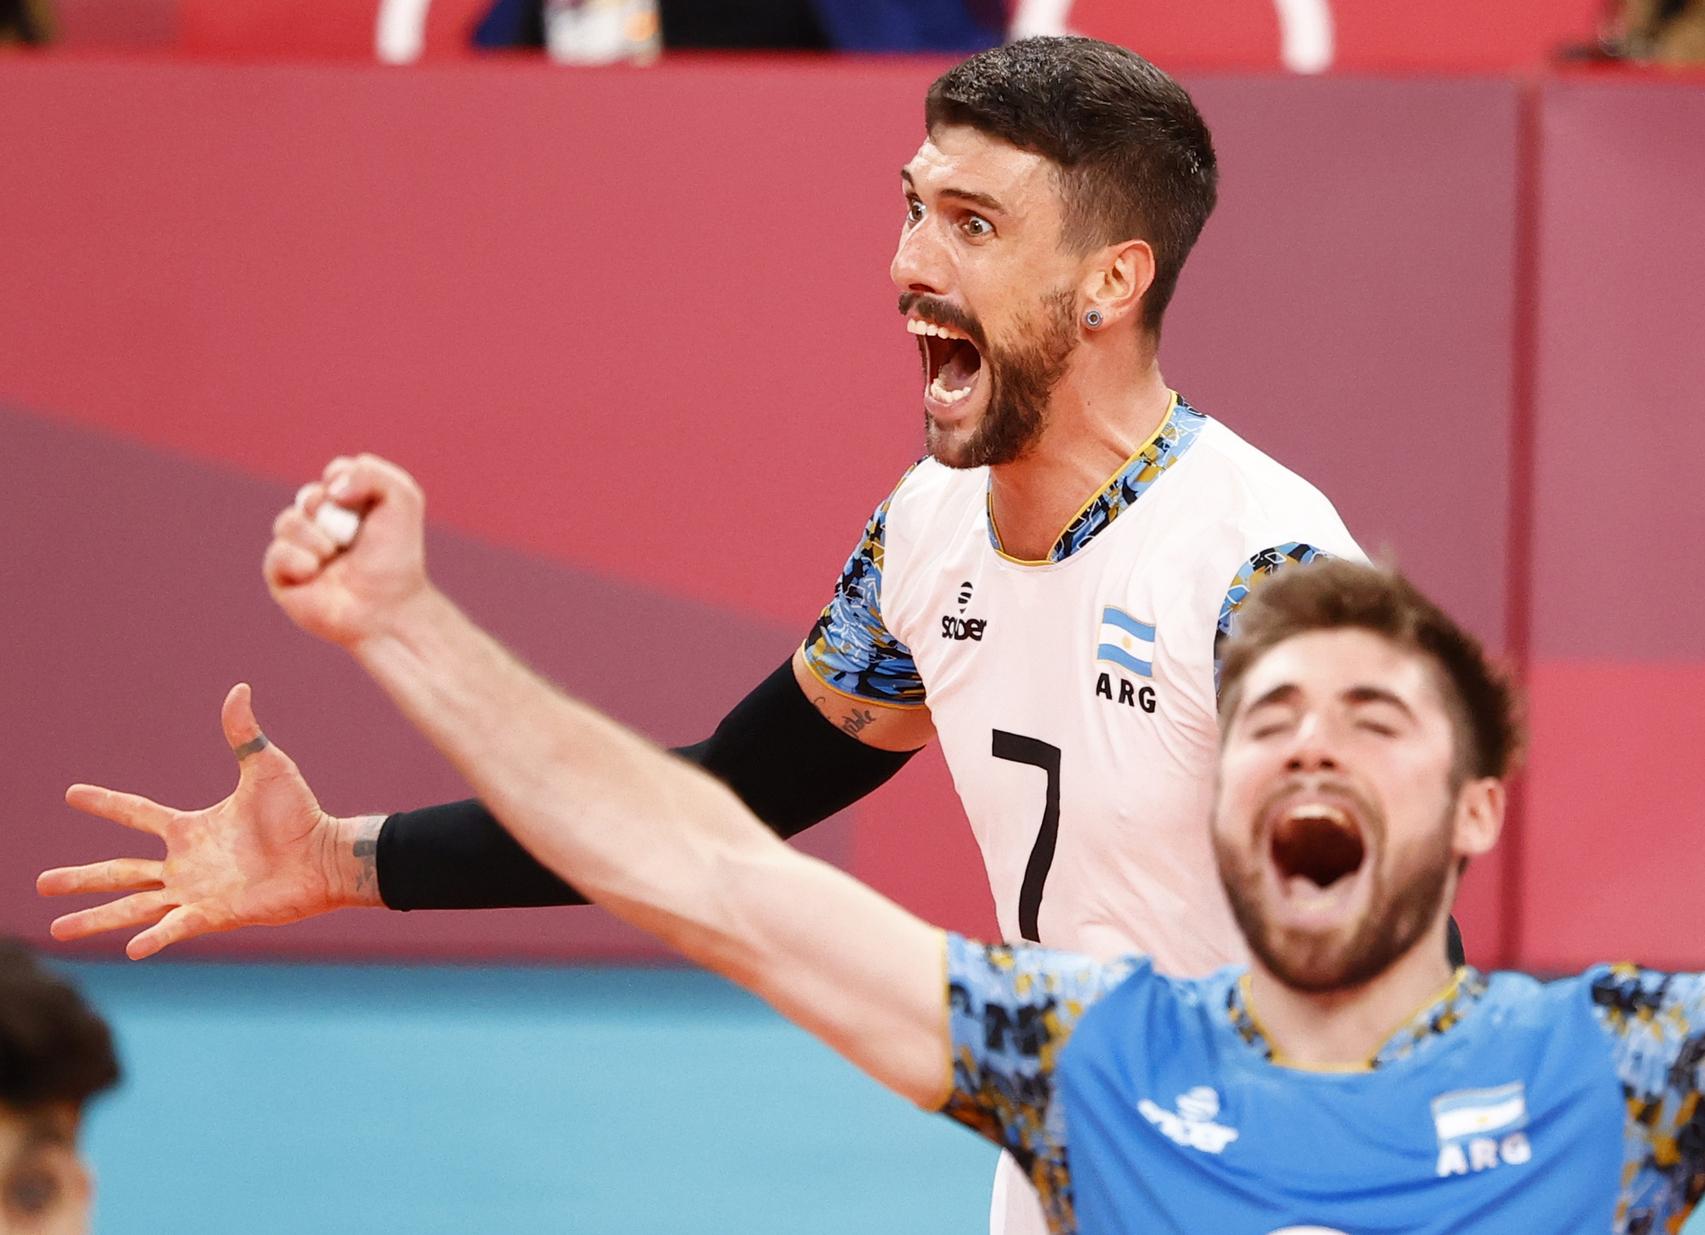 Ở Thế vận hội Tokyo, đội tuyển bóng chuyền Argentina đã thể hiện rất tốt